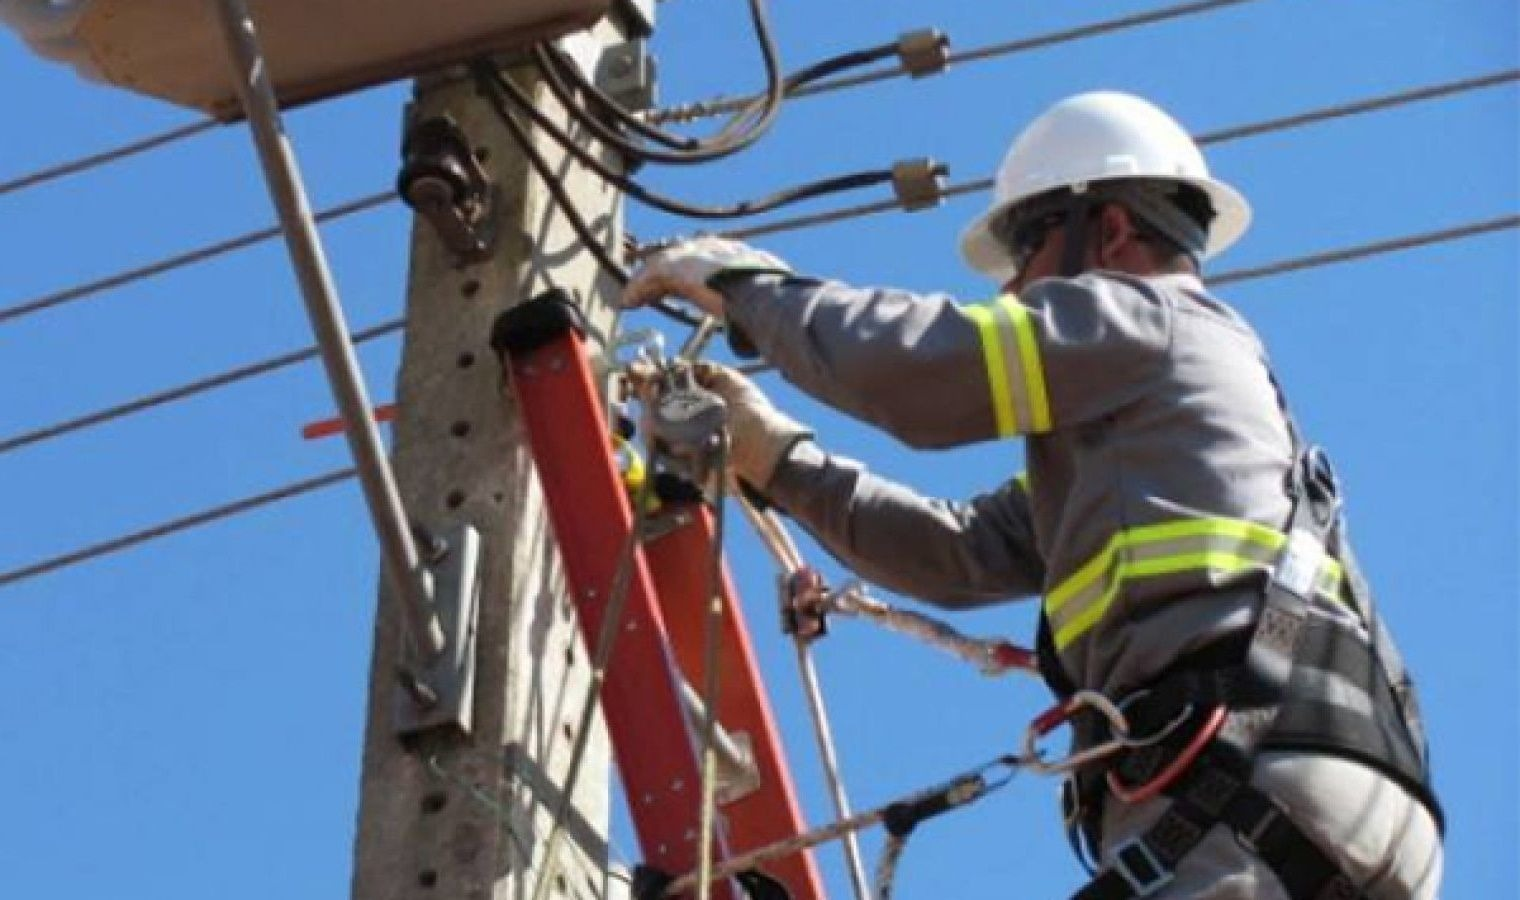 Atención: Corpico anunció cortes de energía eléctrica para mañana domingo en dos sectores de la ciudad